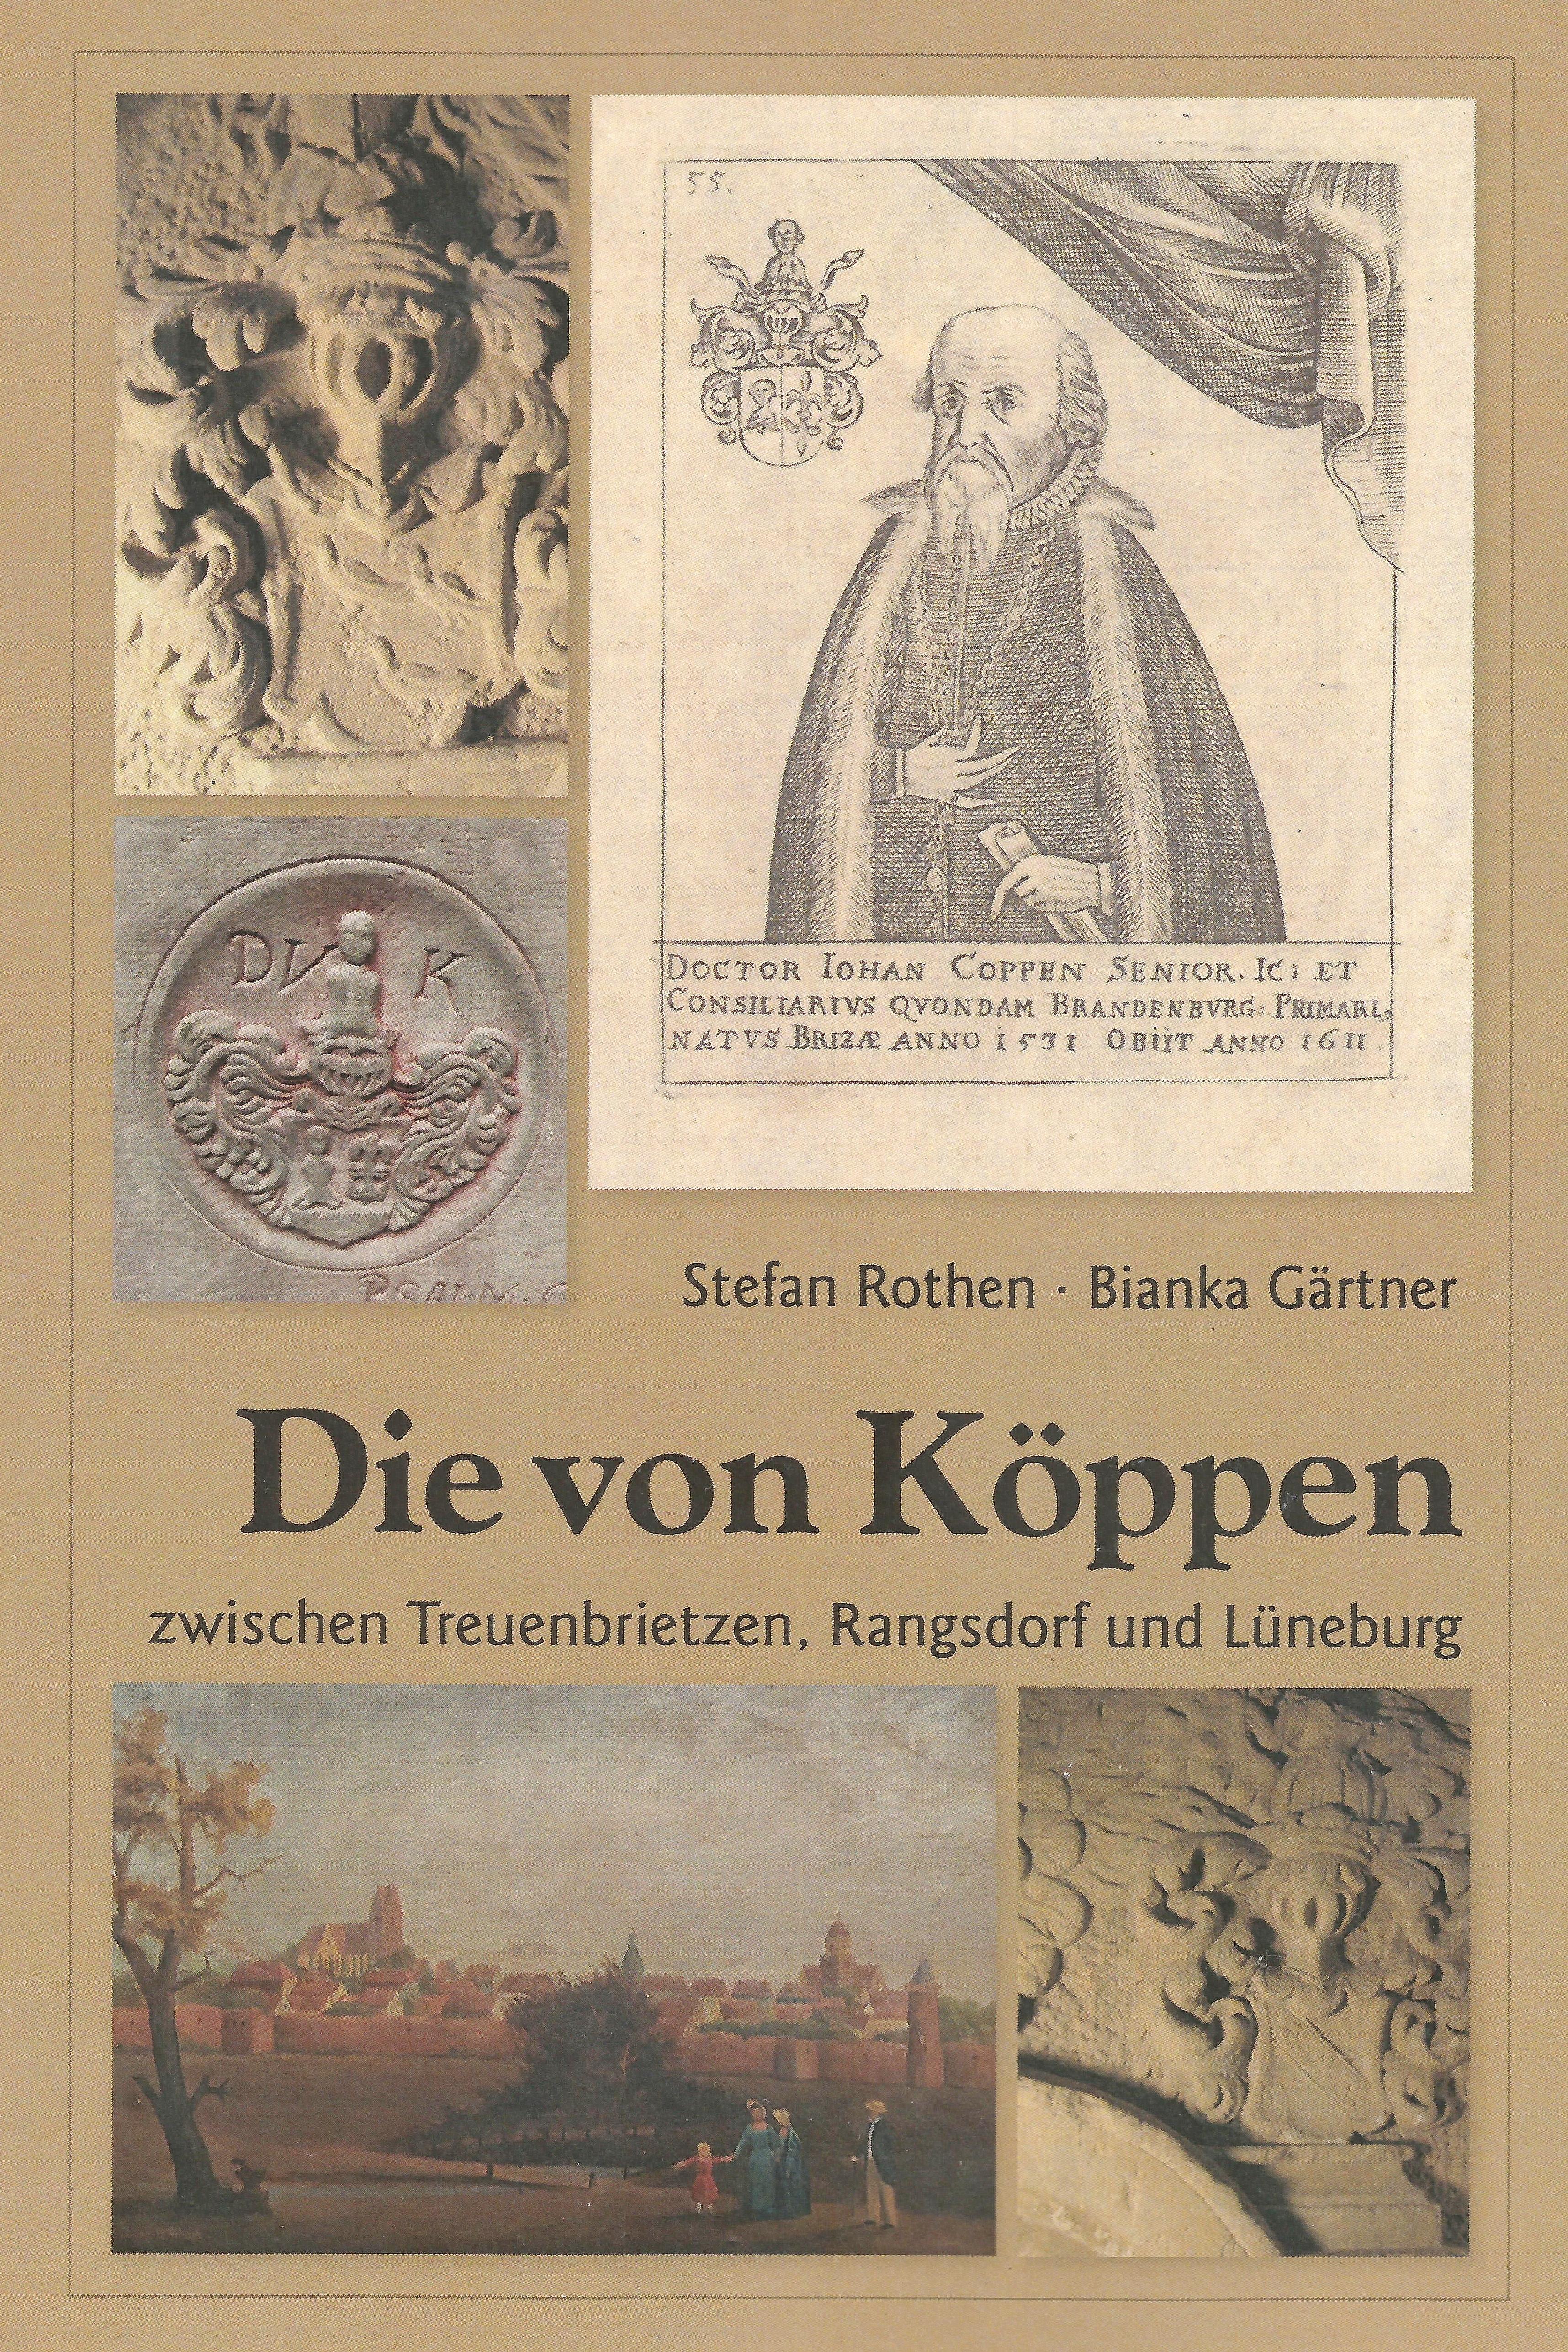 Die von Köppen